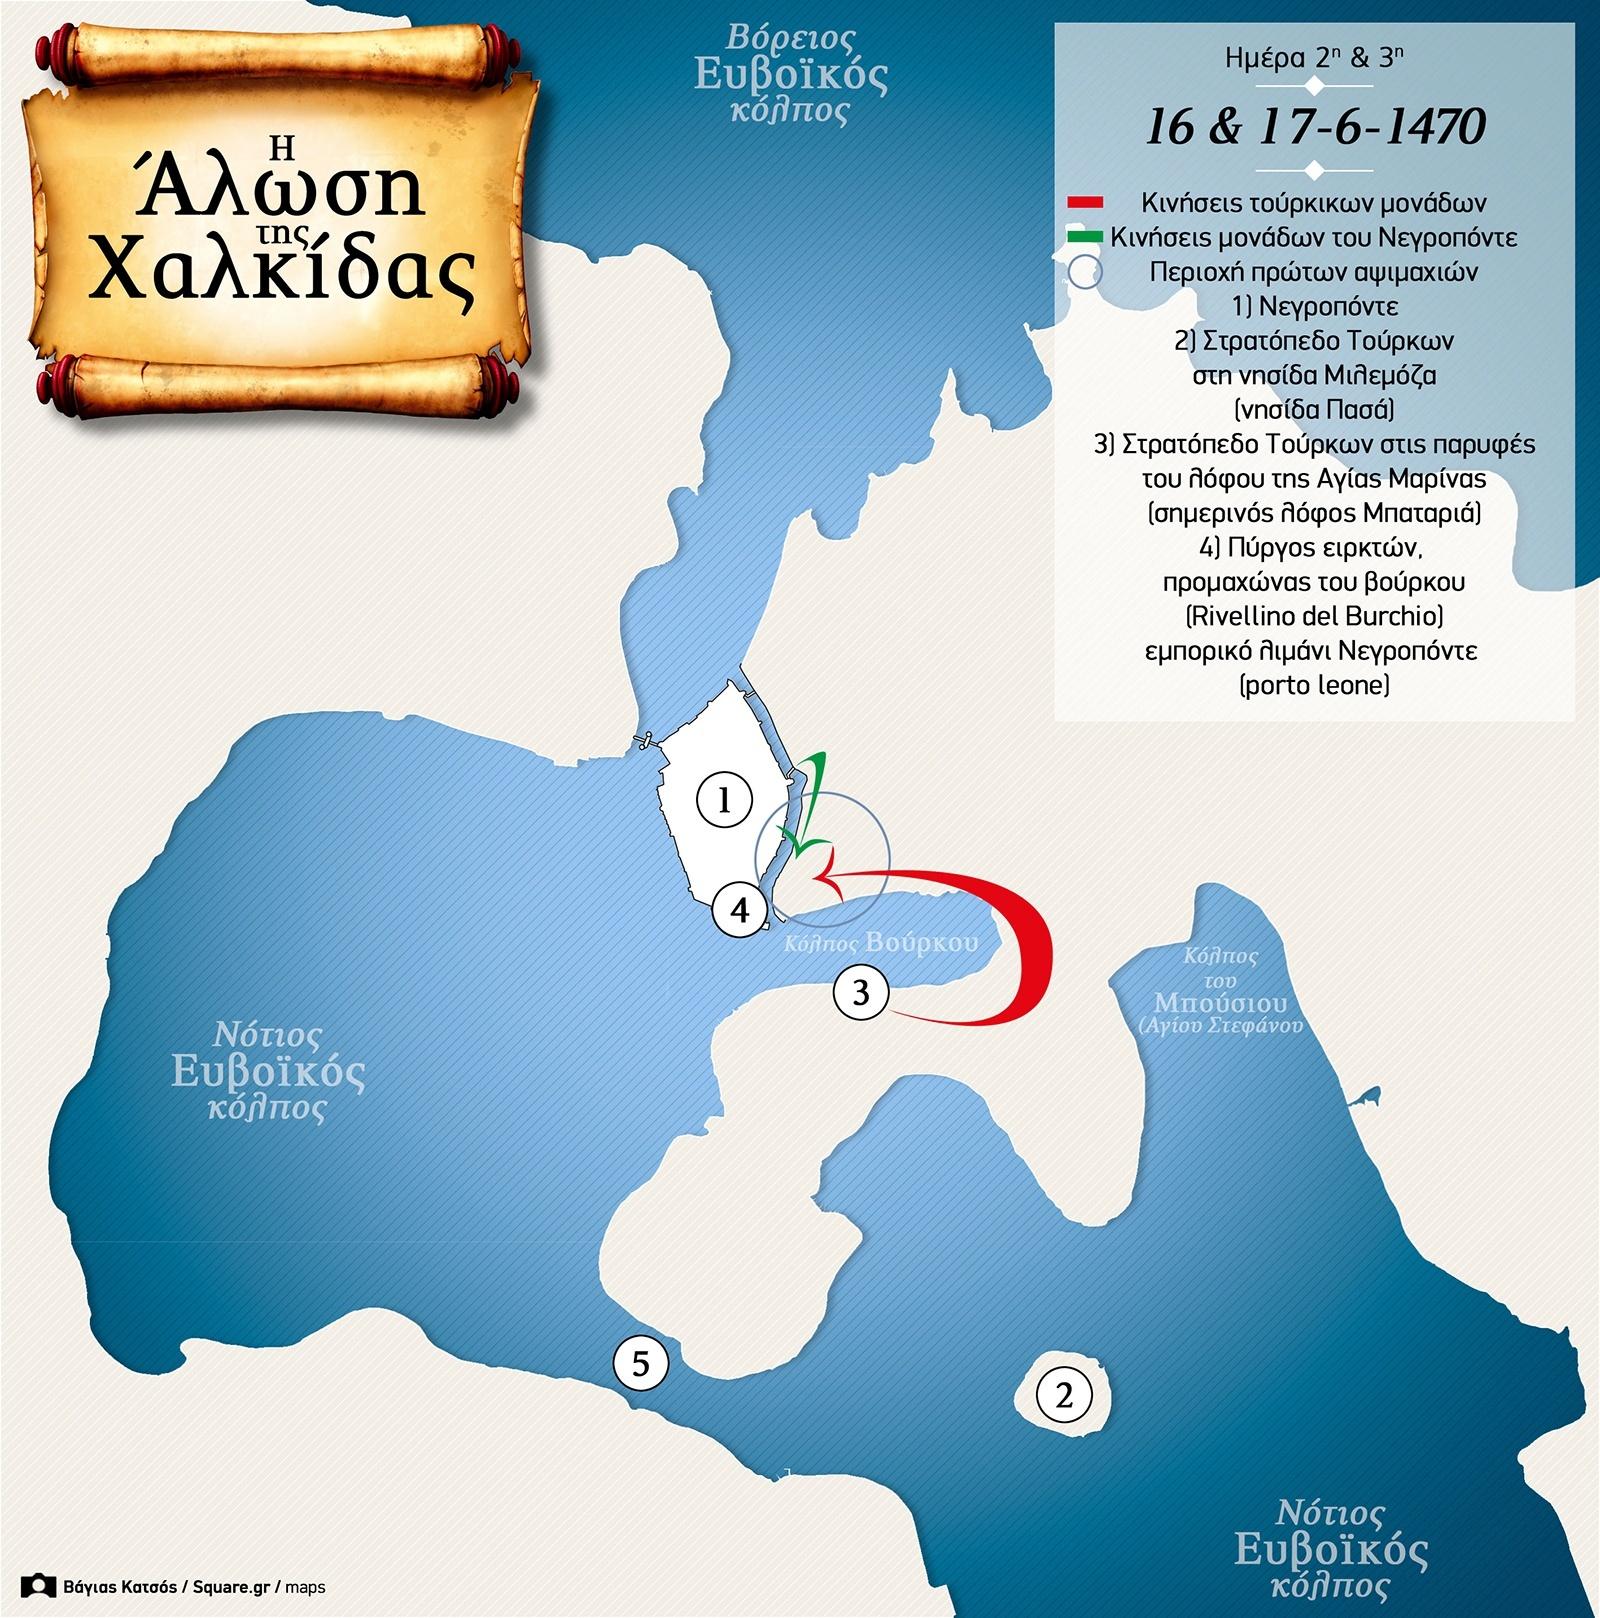 1-Χάρτης-άλωσης-Χαλκίδας-1470-μέρα-2-και-3